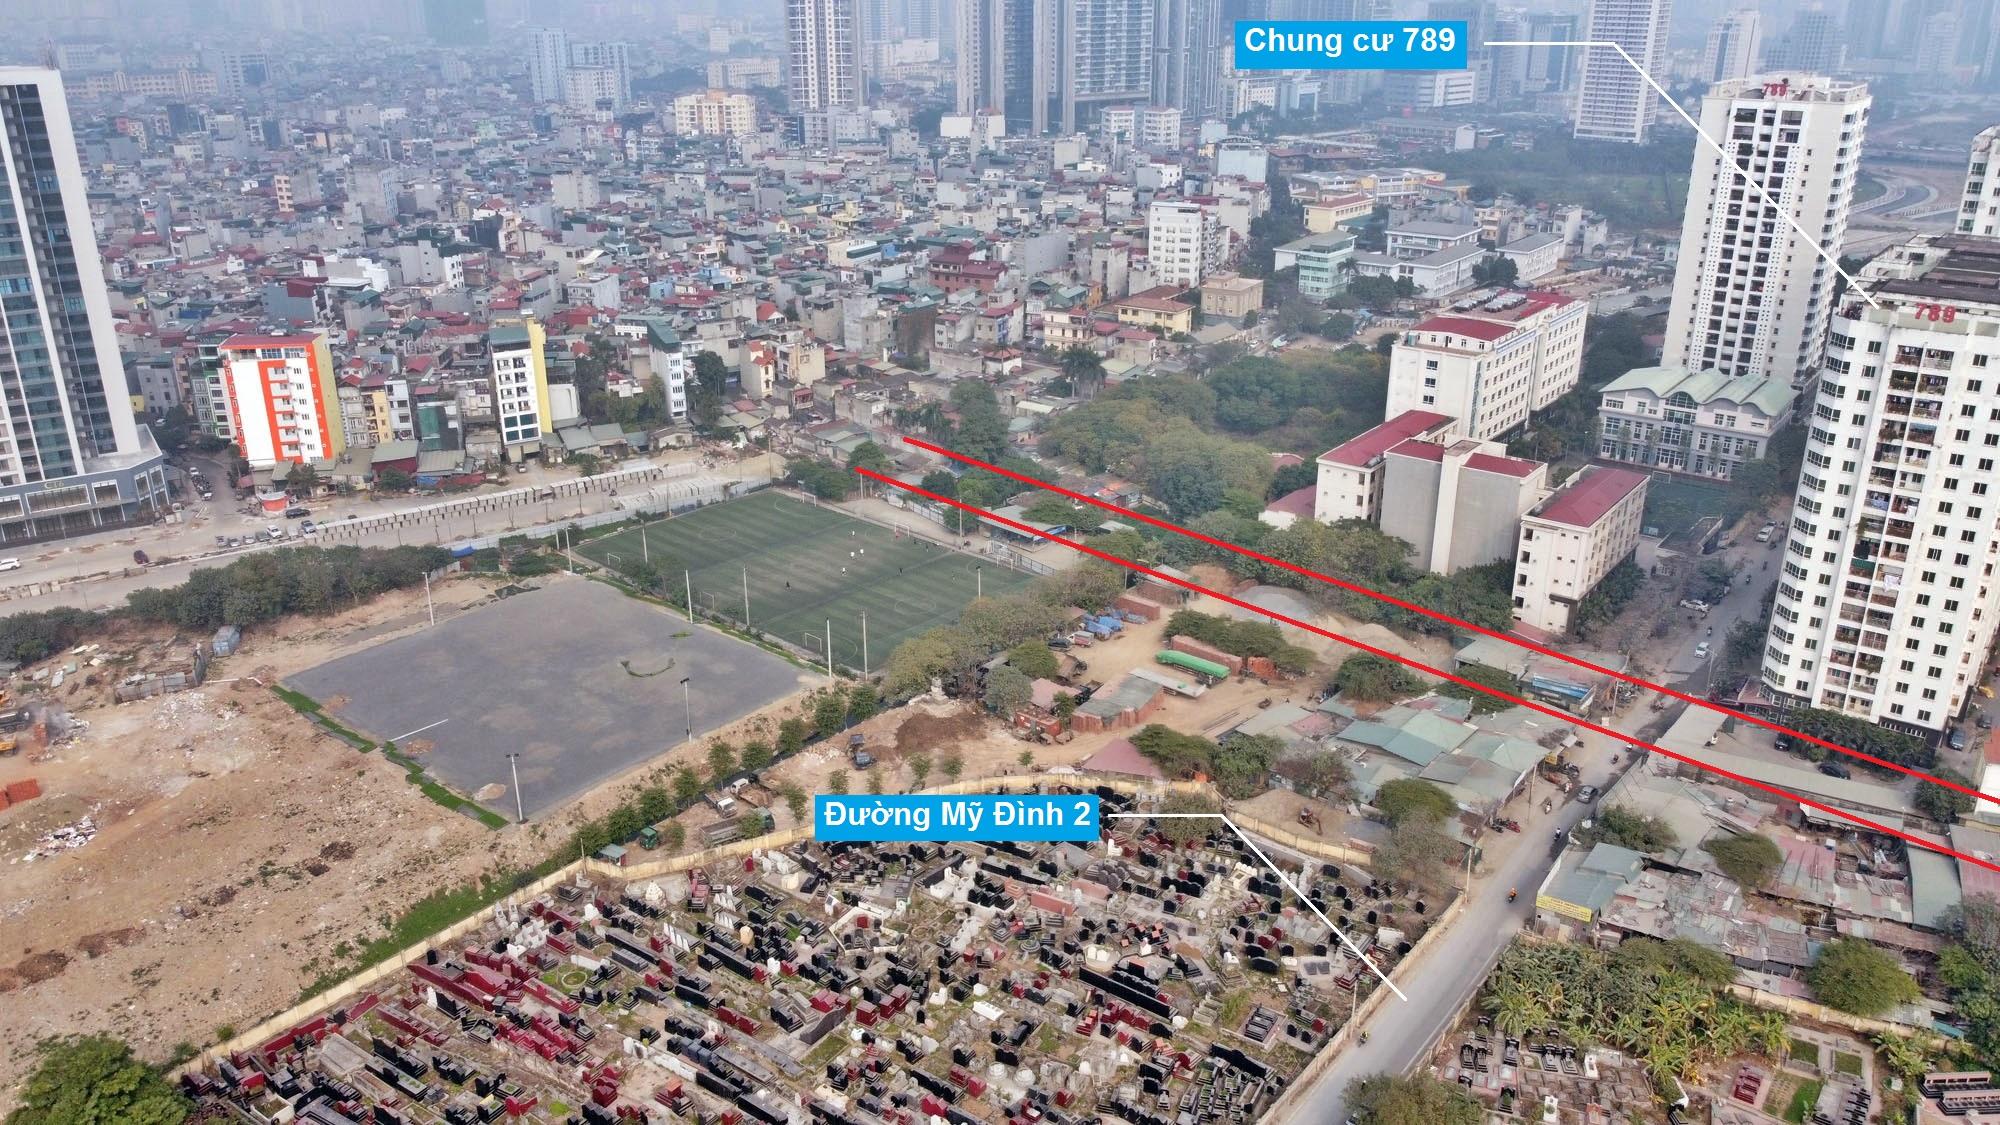 Ba đường sẽ mở theo qui hoạch ở phường Mỹ Đình 2, Nam Từ Liêm, Hà Nội (phần 2) - Ảnh 9.